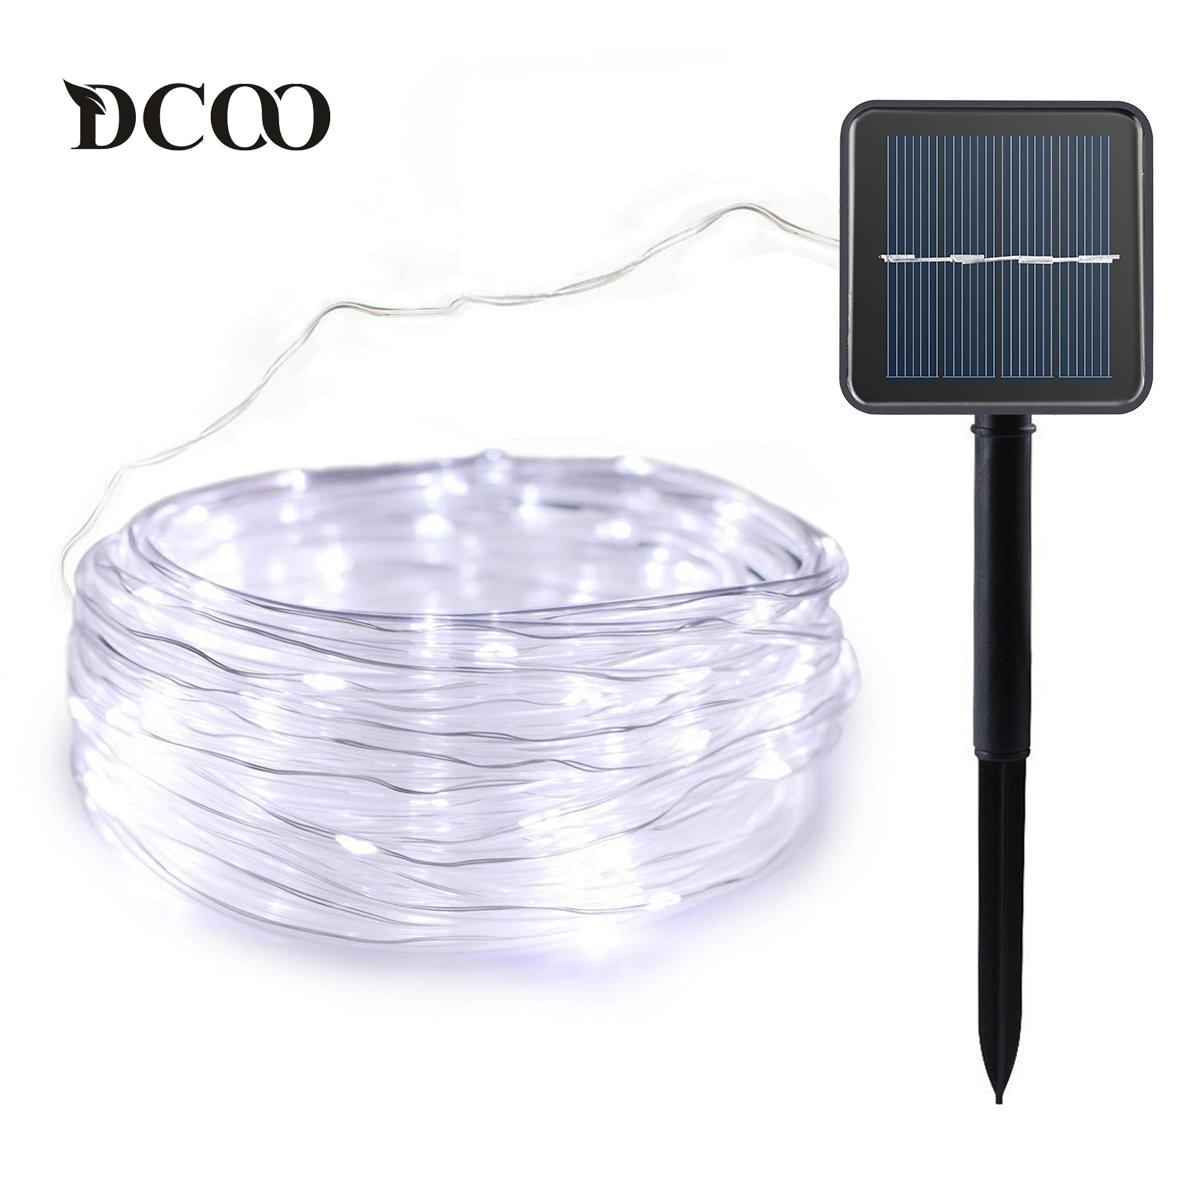 Solar luces de La Cuerda 120 Led Solar Powered LED Luces de la Secuencia de Cuerda Luces de la Secuencia Del Partido de Jardín Iluminación Solar Al Aire Libre A Prueba de agua